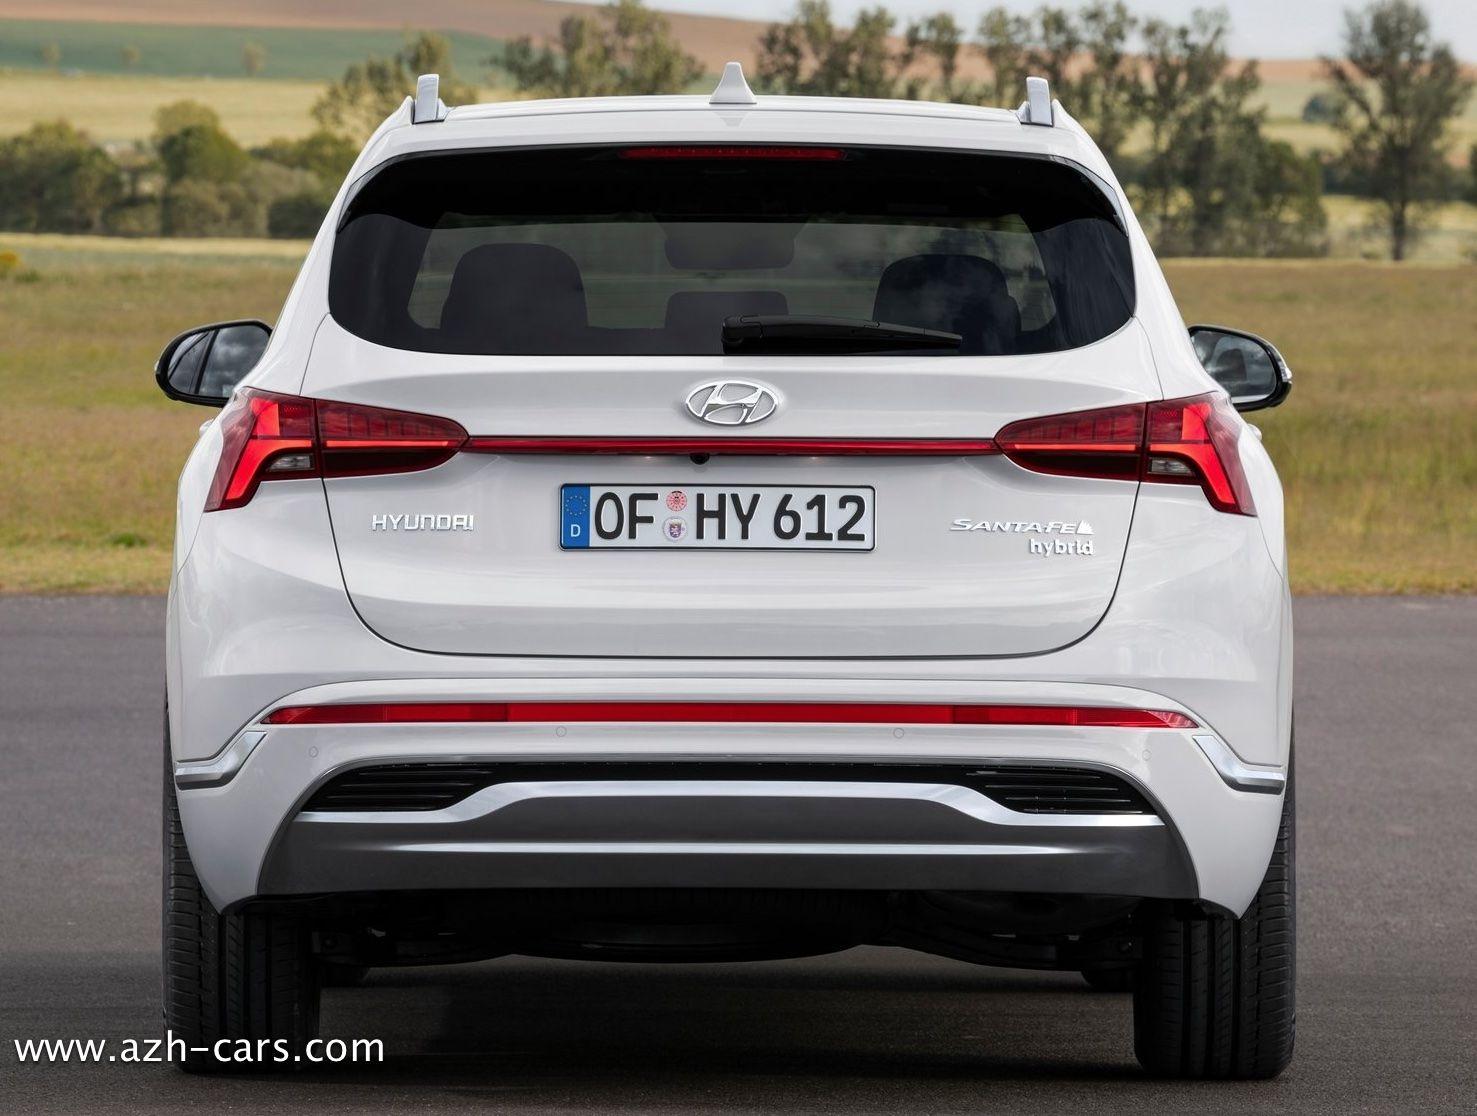 Hyundai Santa Fe 2021 In 2020 Hyundai Santa Fe Hyundai New Hyundai Santa Fe